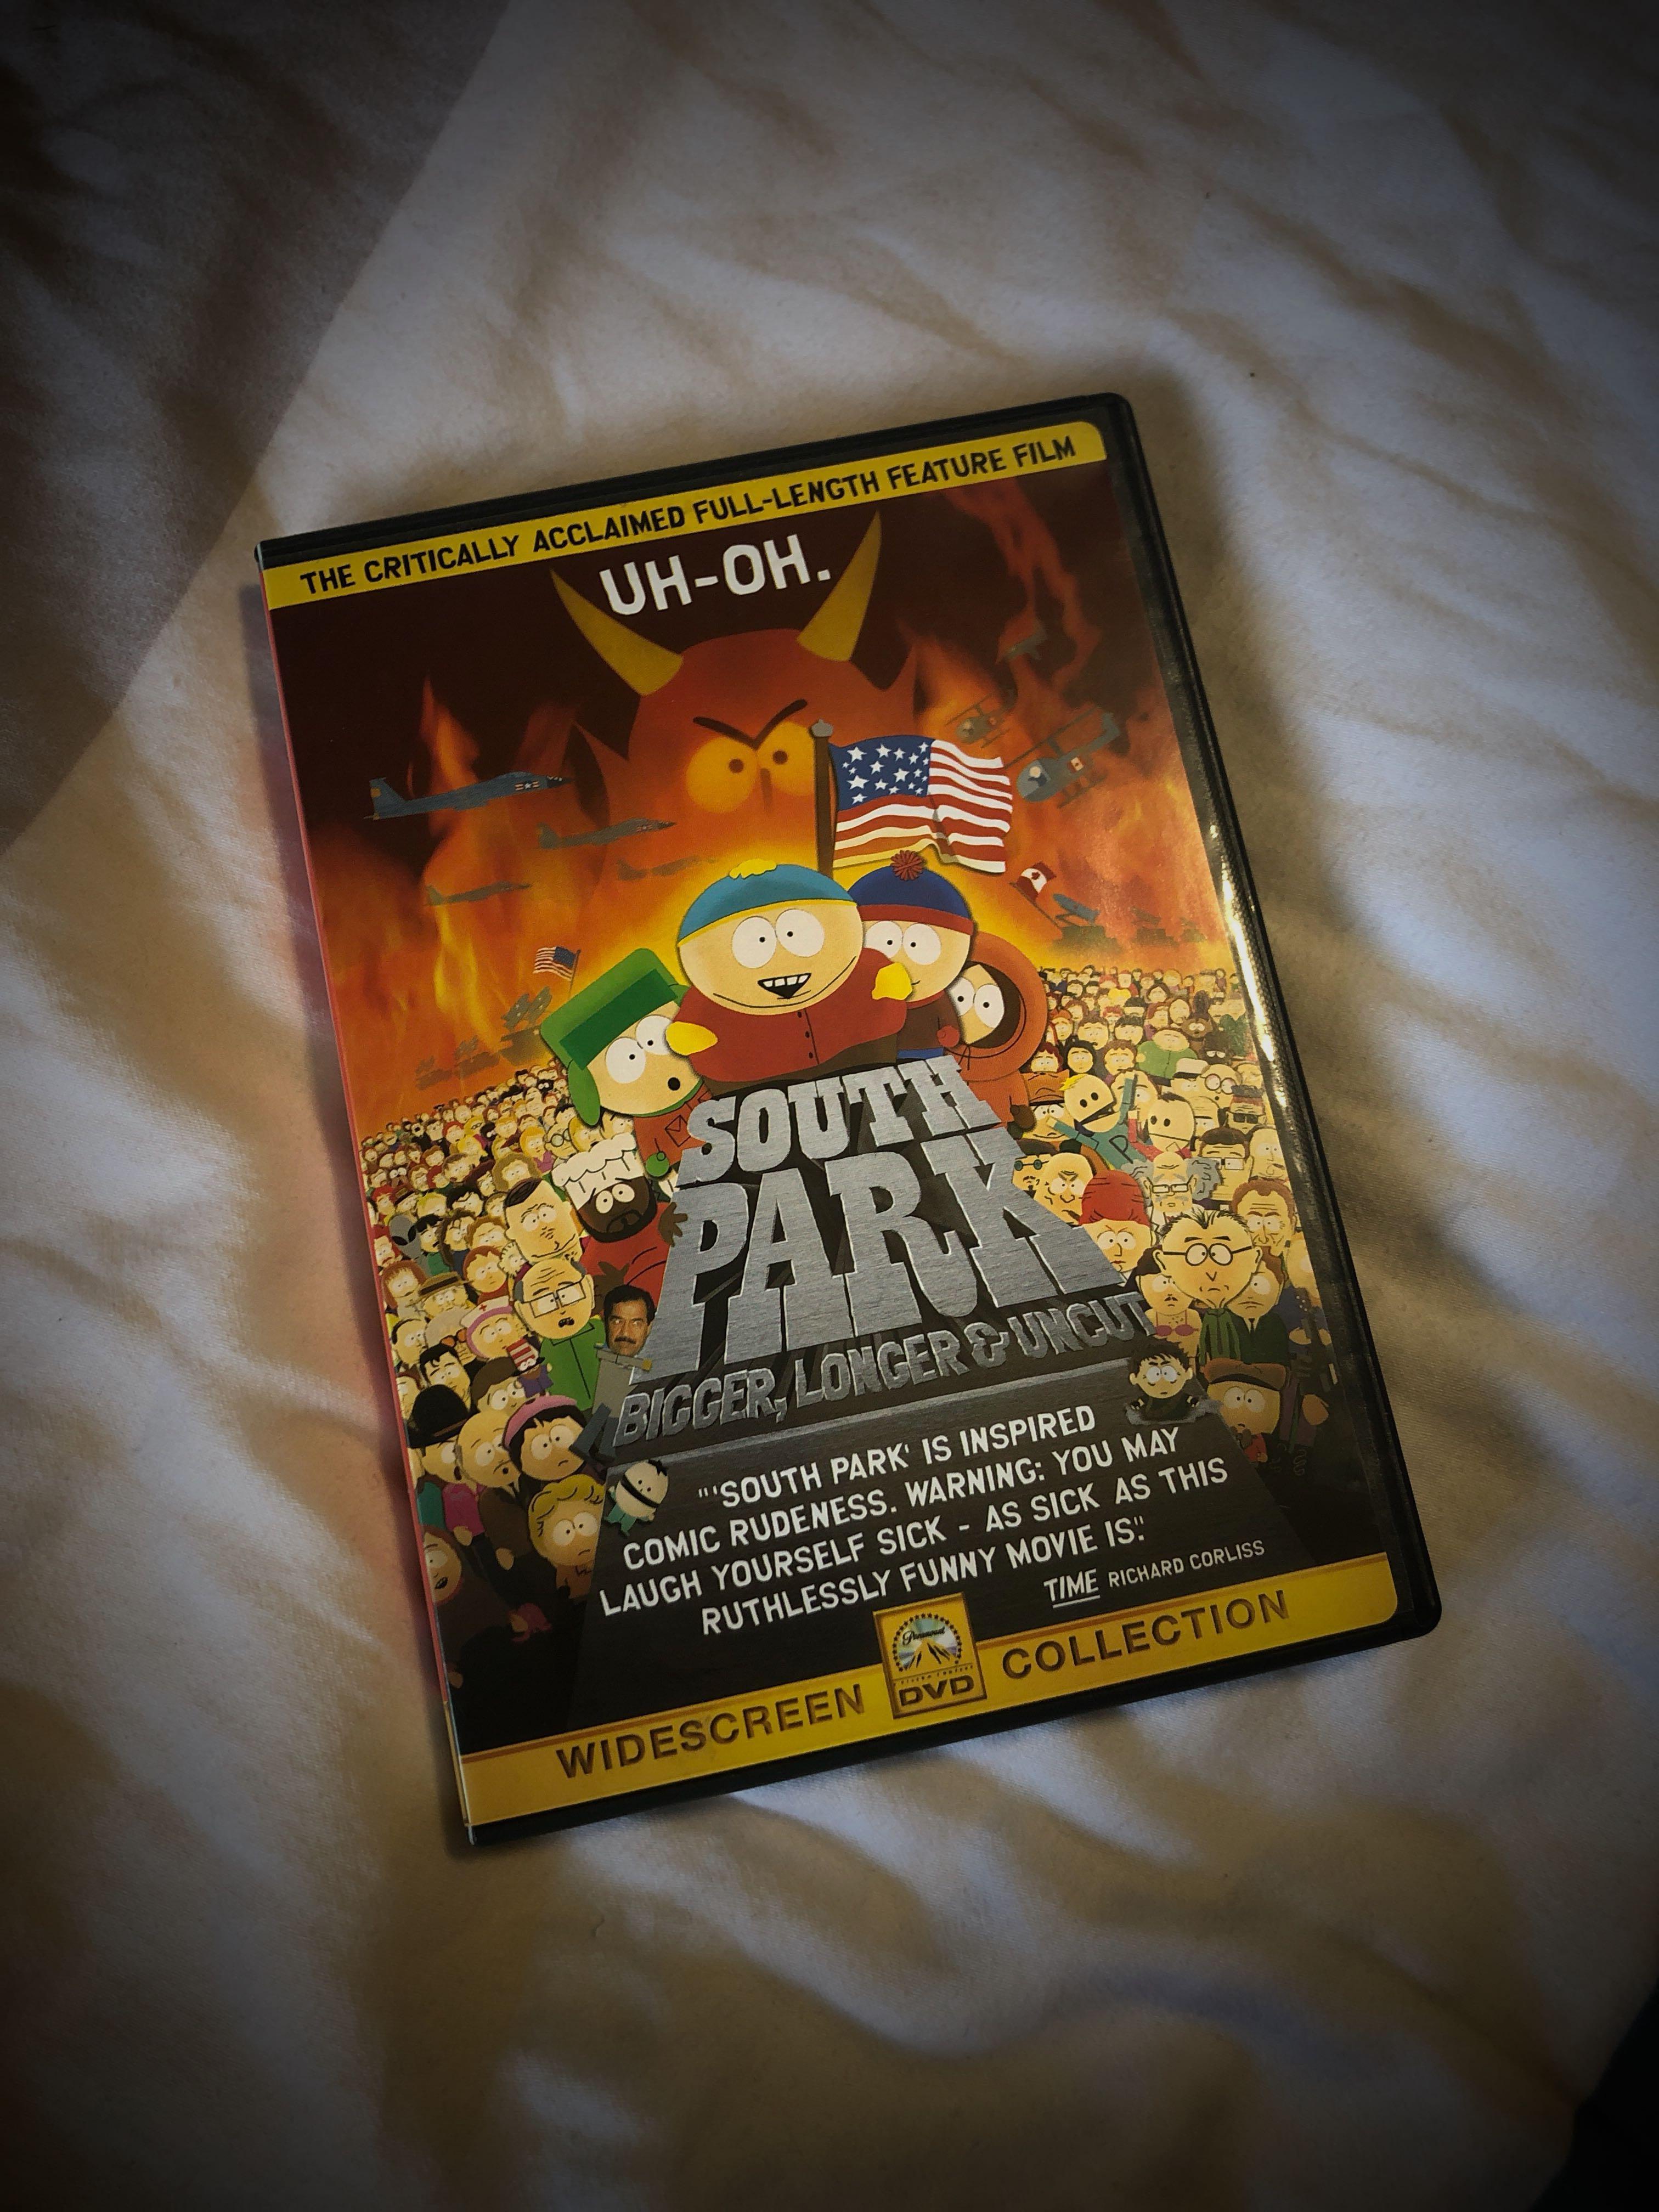 South Park Bigger Longer Uncut Dvd Plus 180 More Titles Music